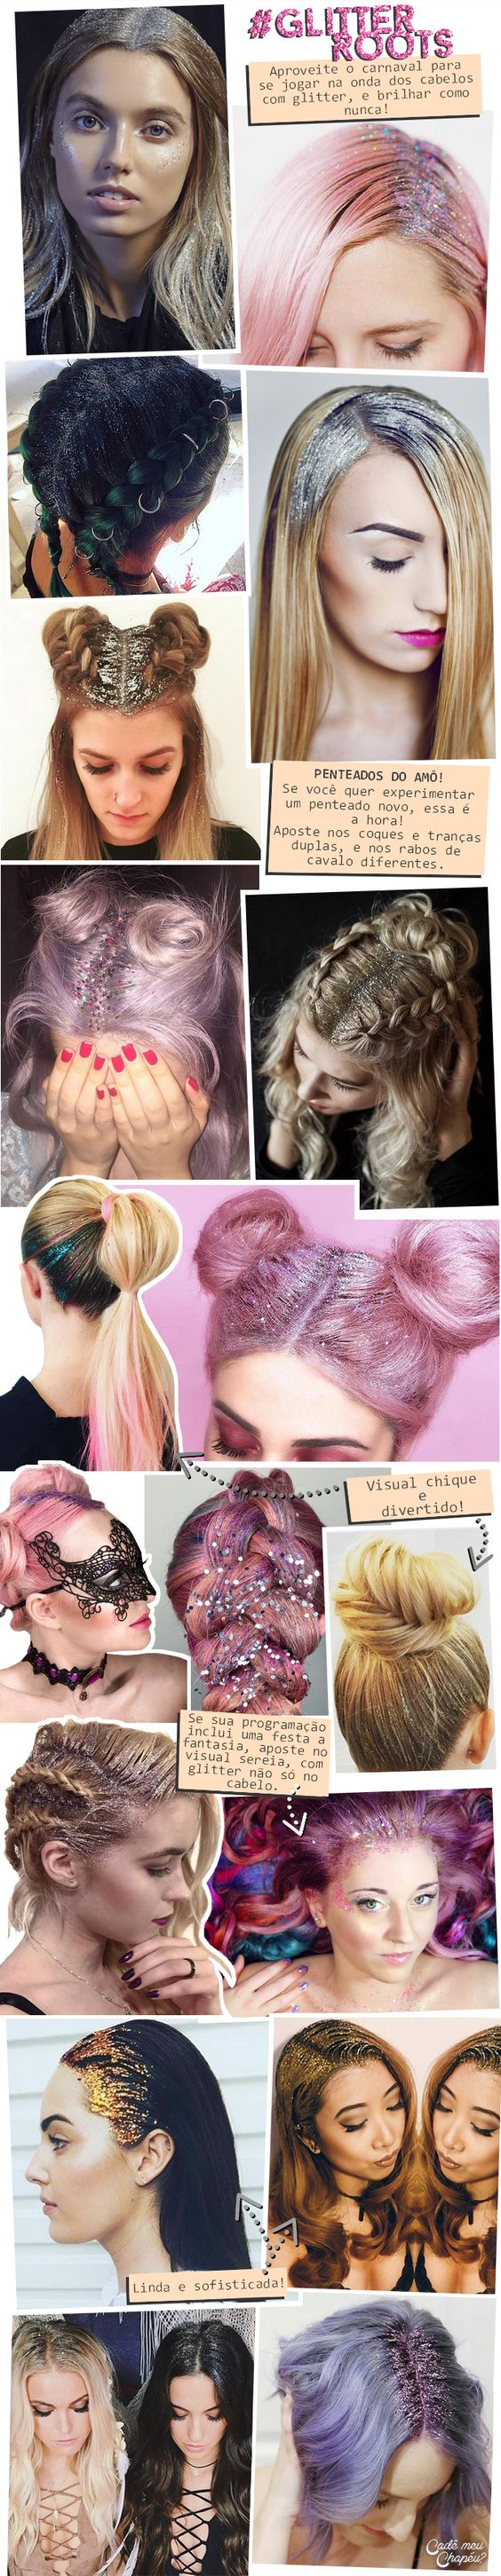 Glitter Roots | Glitter hair | Carnaval | http://cademeuchapeu.com: